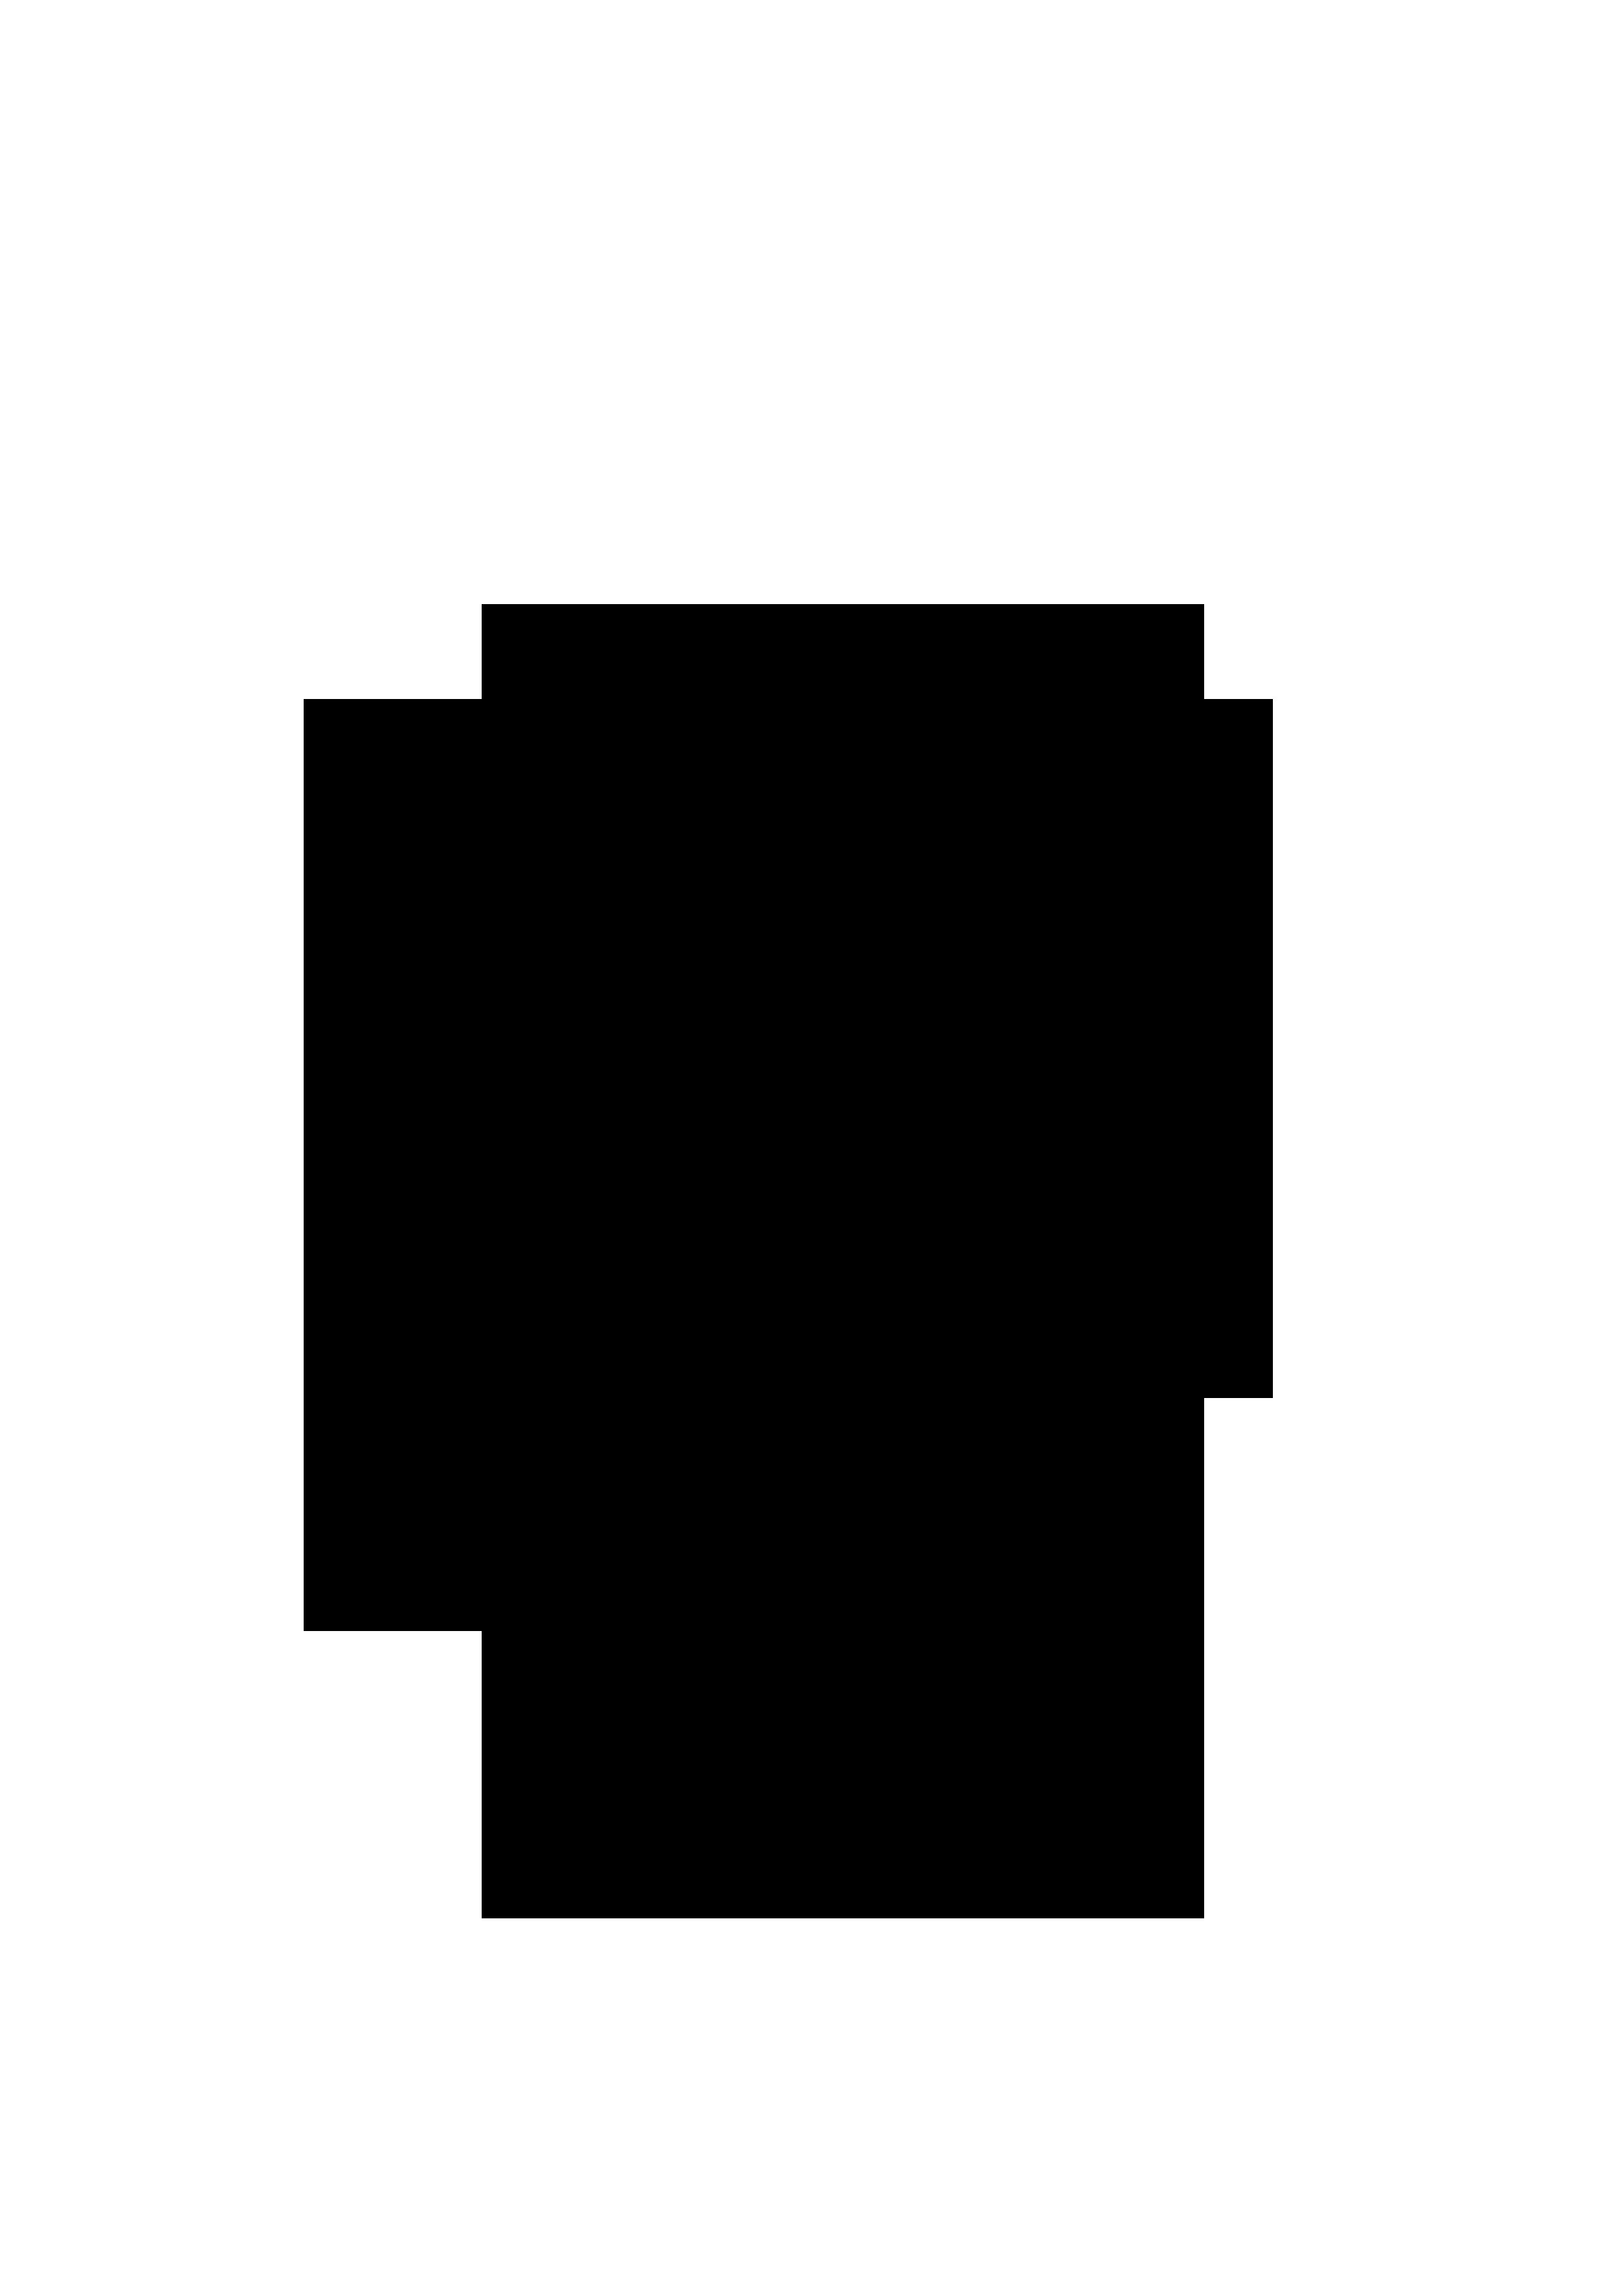 LEÓ bókaútgáfa